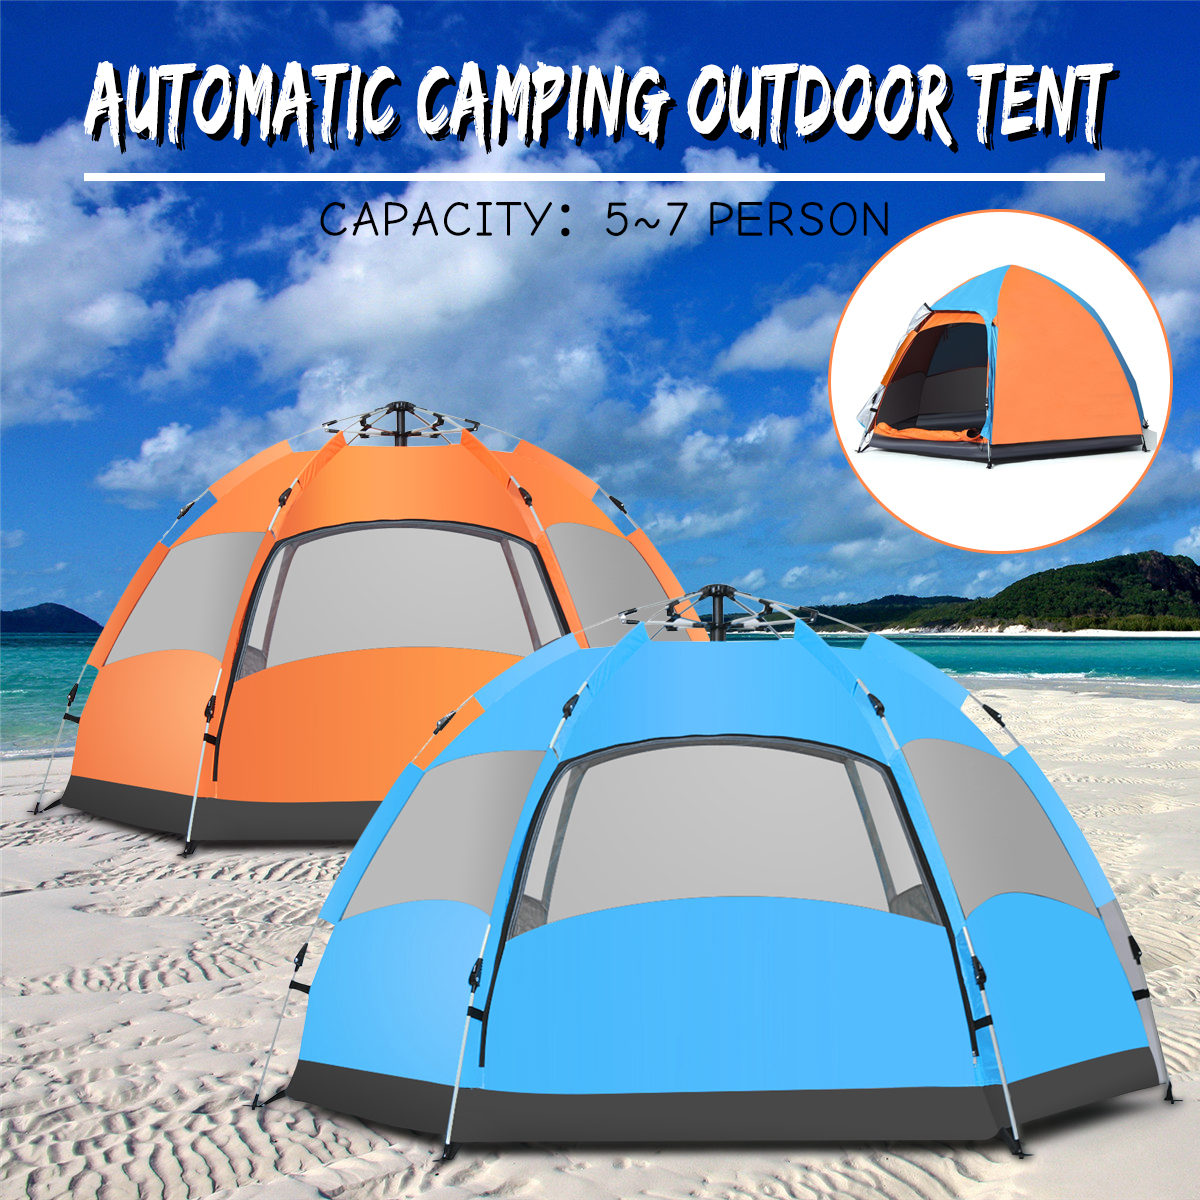 DGODDE Водонепроницаемый 5-7 человек автоматической выскочить Семья палатка Пеший туризм палатка Anti UV тент палатки открытый sunshelter